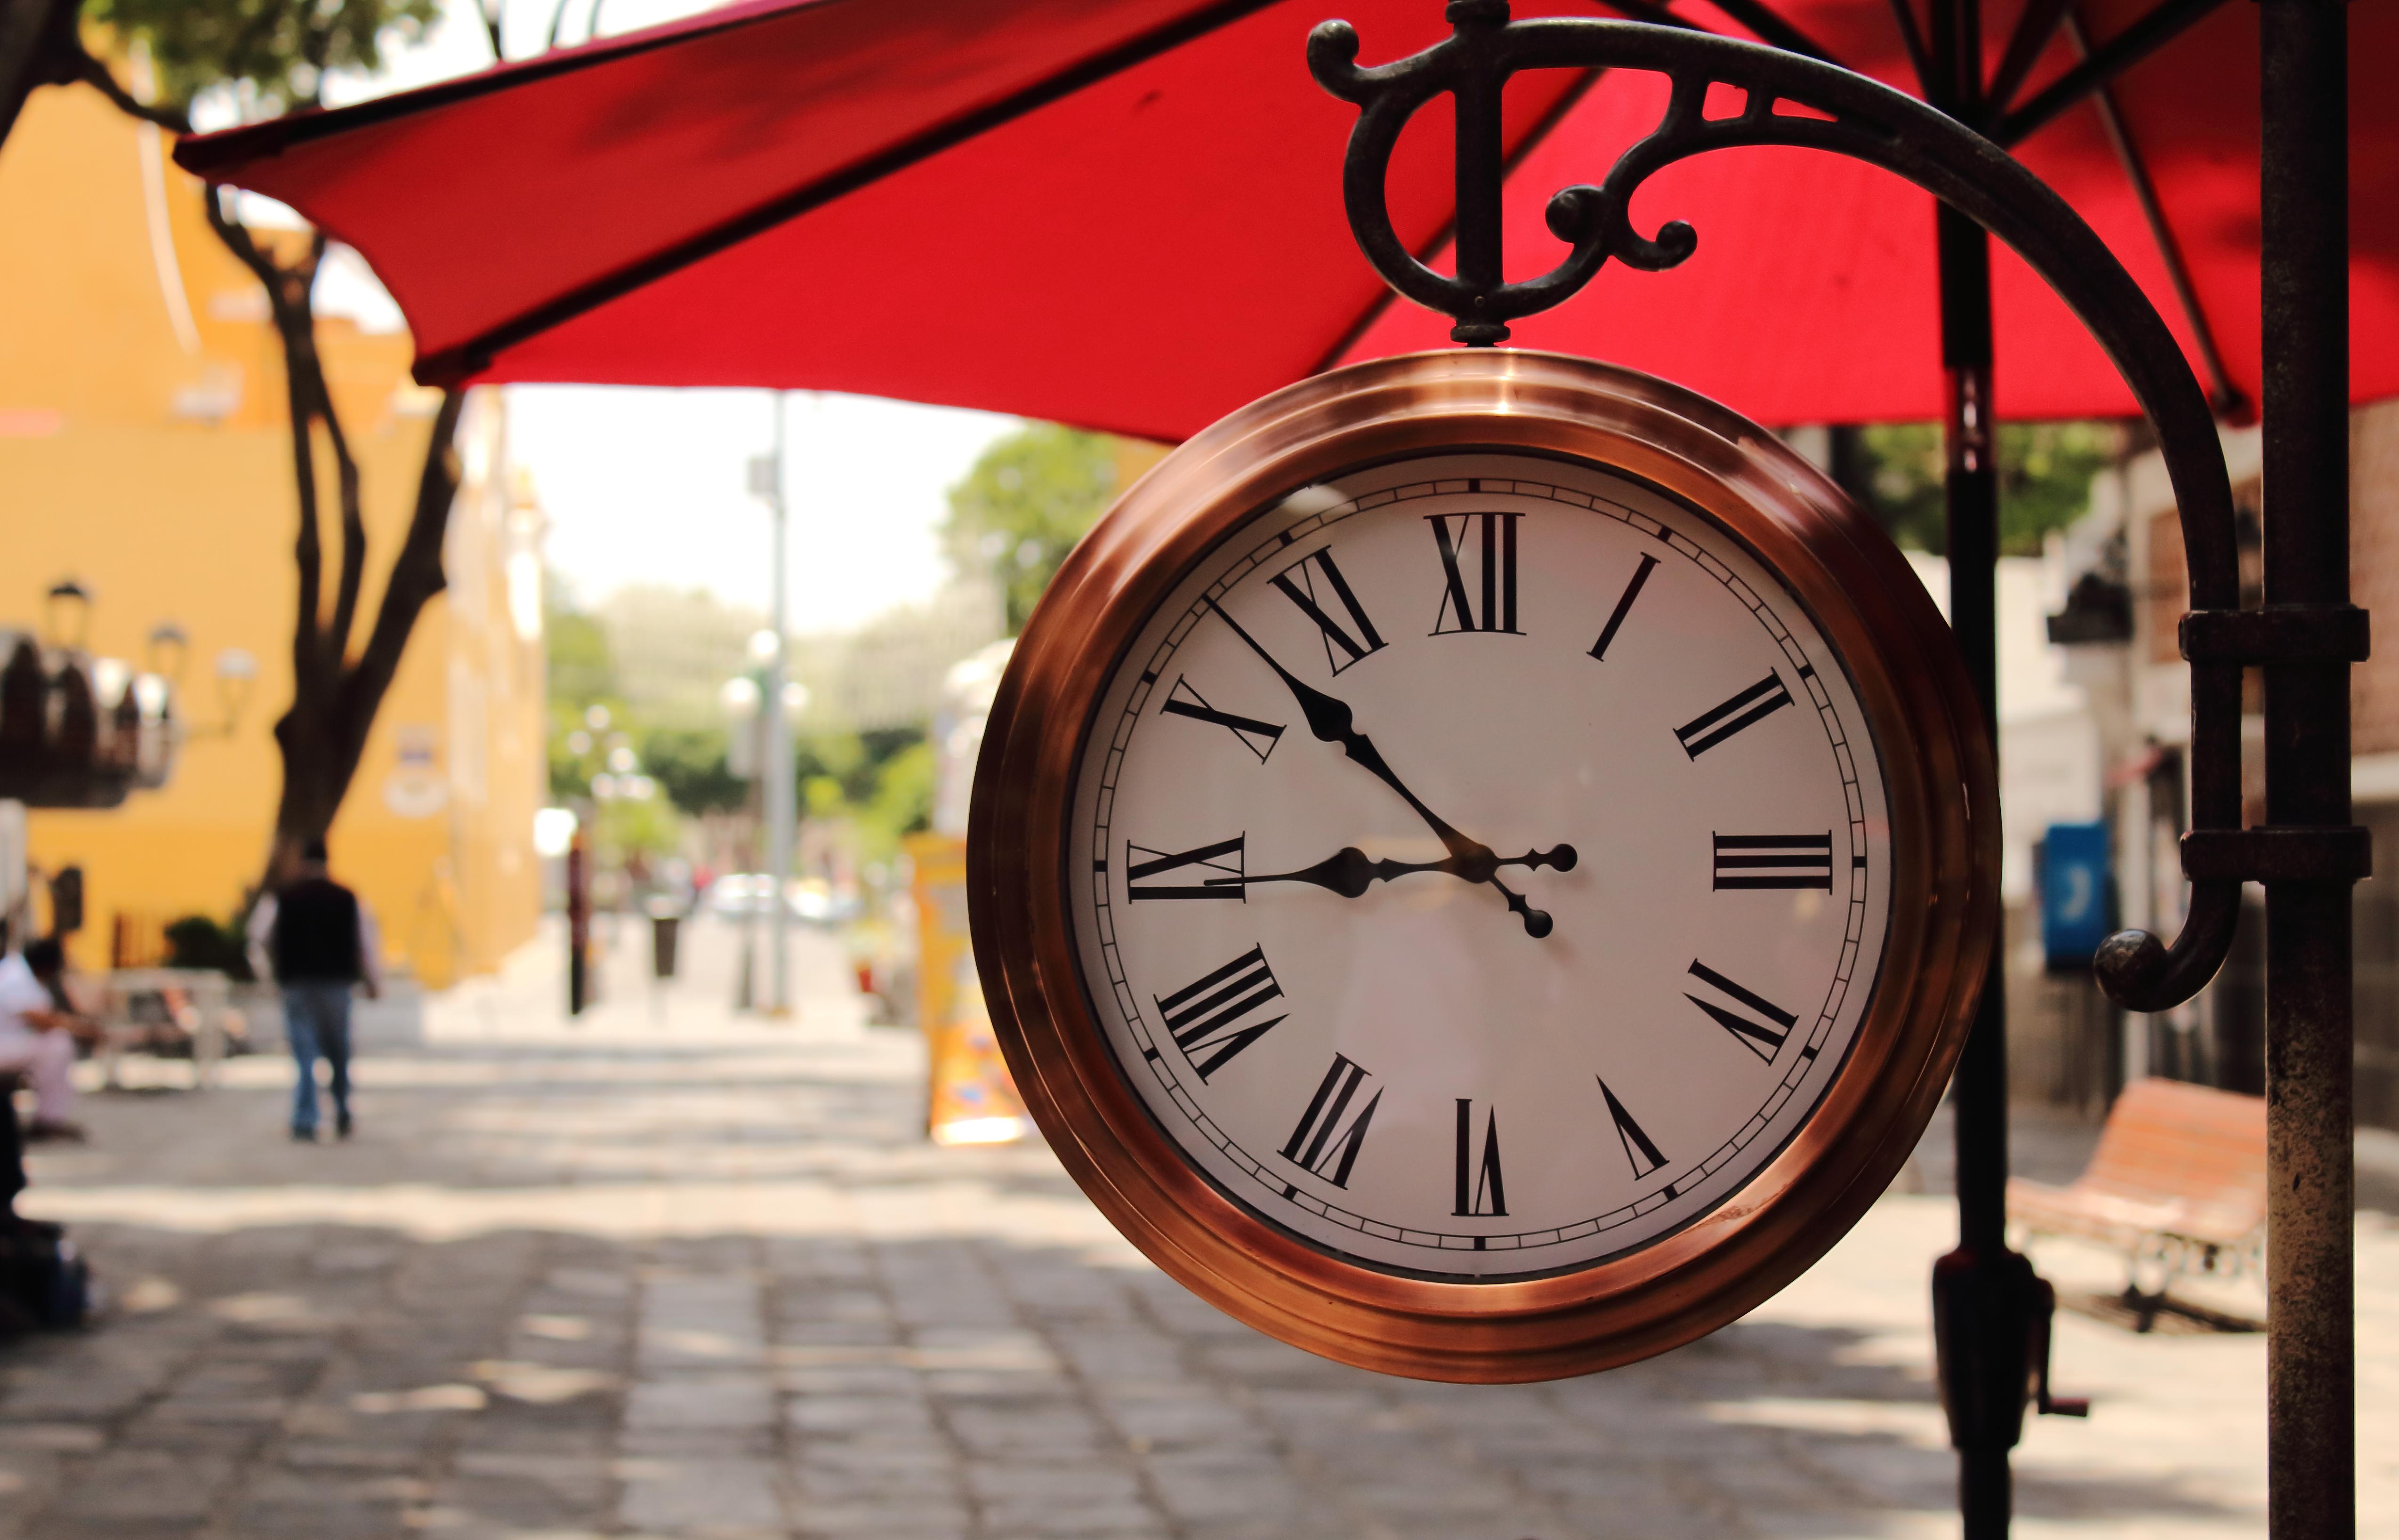 ed2304704b09 Reloj - Wikiwand